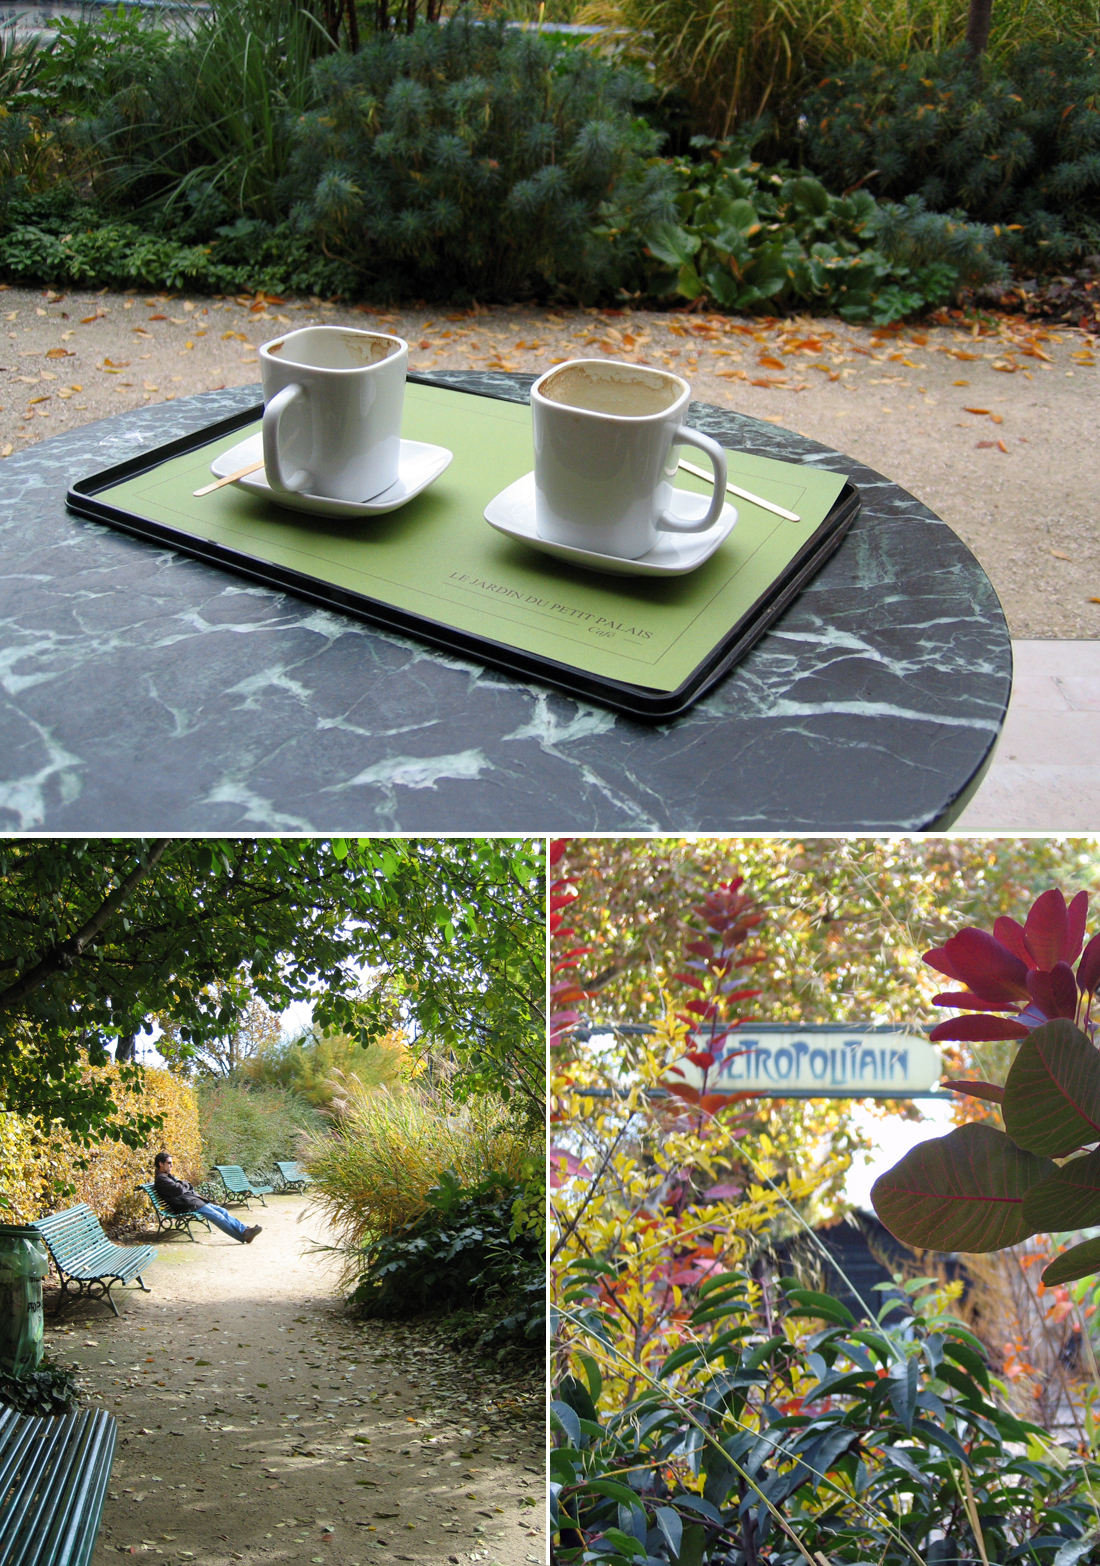 Les Jardins de Paris